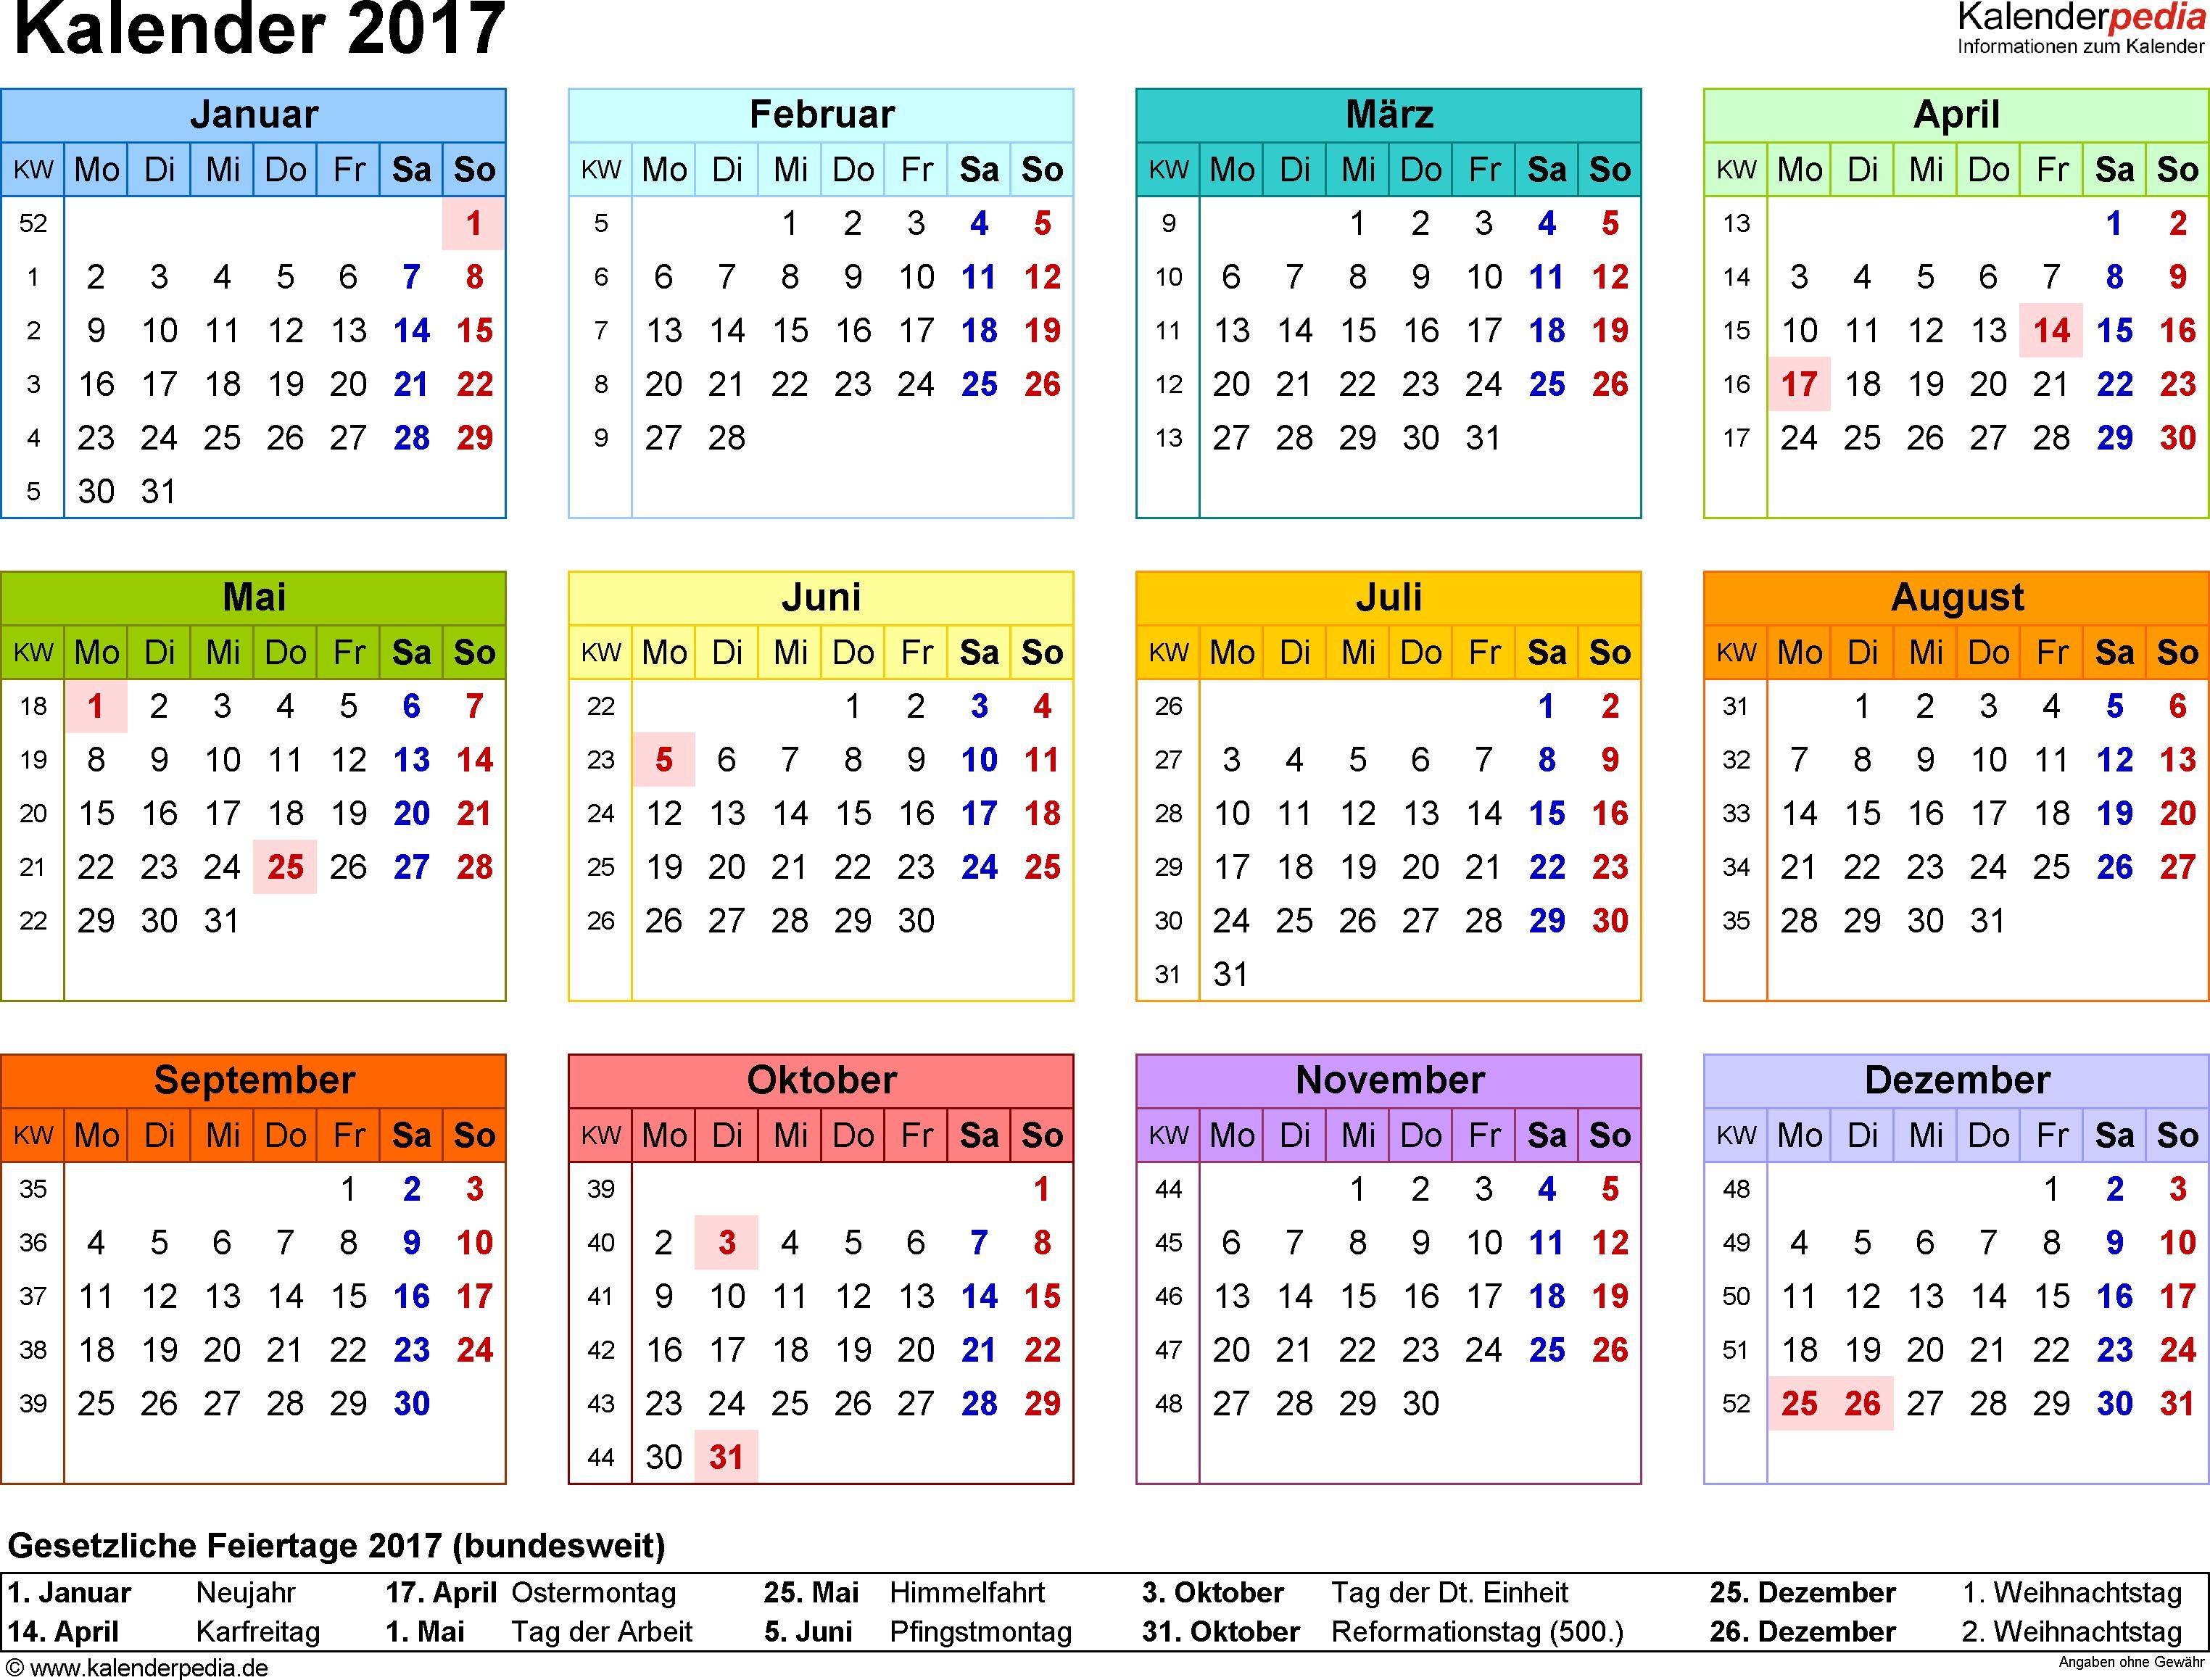 Calendar Kalender 2017 Zum Ausdrucken · Kalender 2019 Zum Ausdrucken Pdf Vorlagen